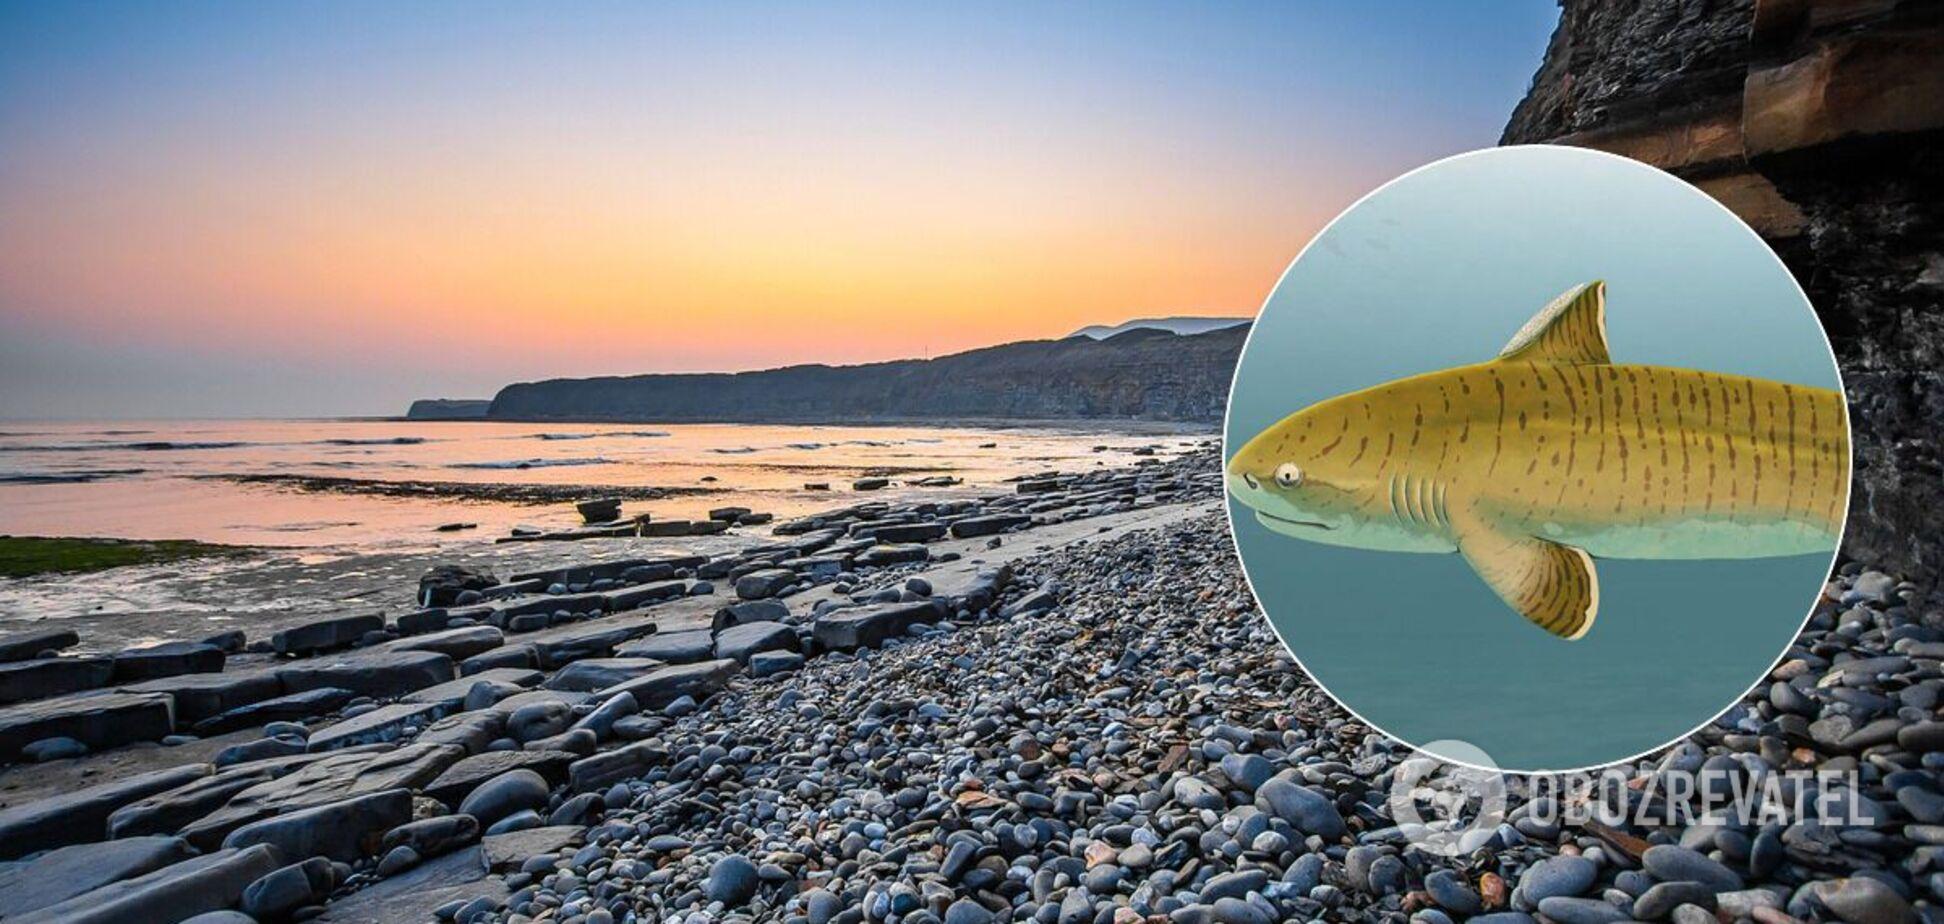 Ученые нашли окаменевший скелет древней акулы